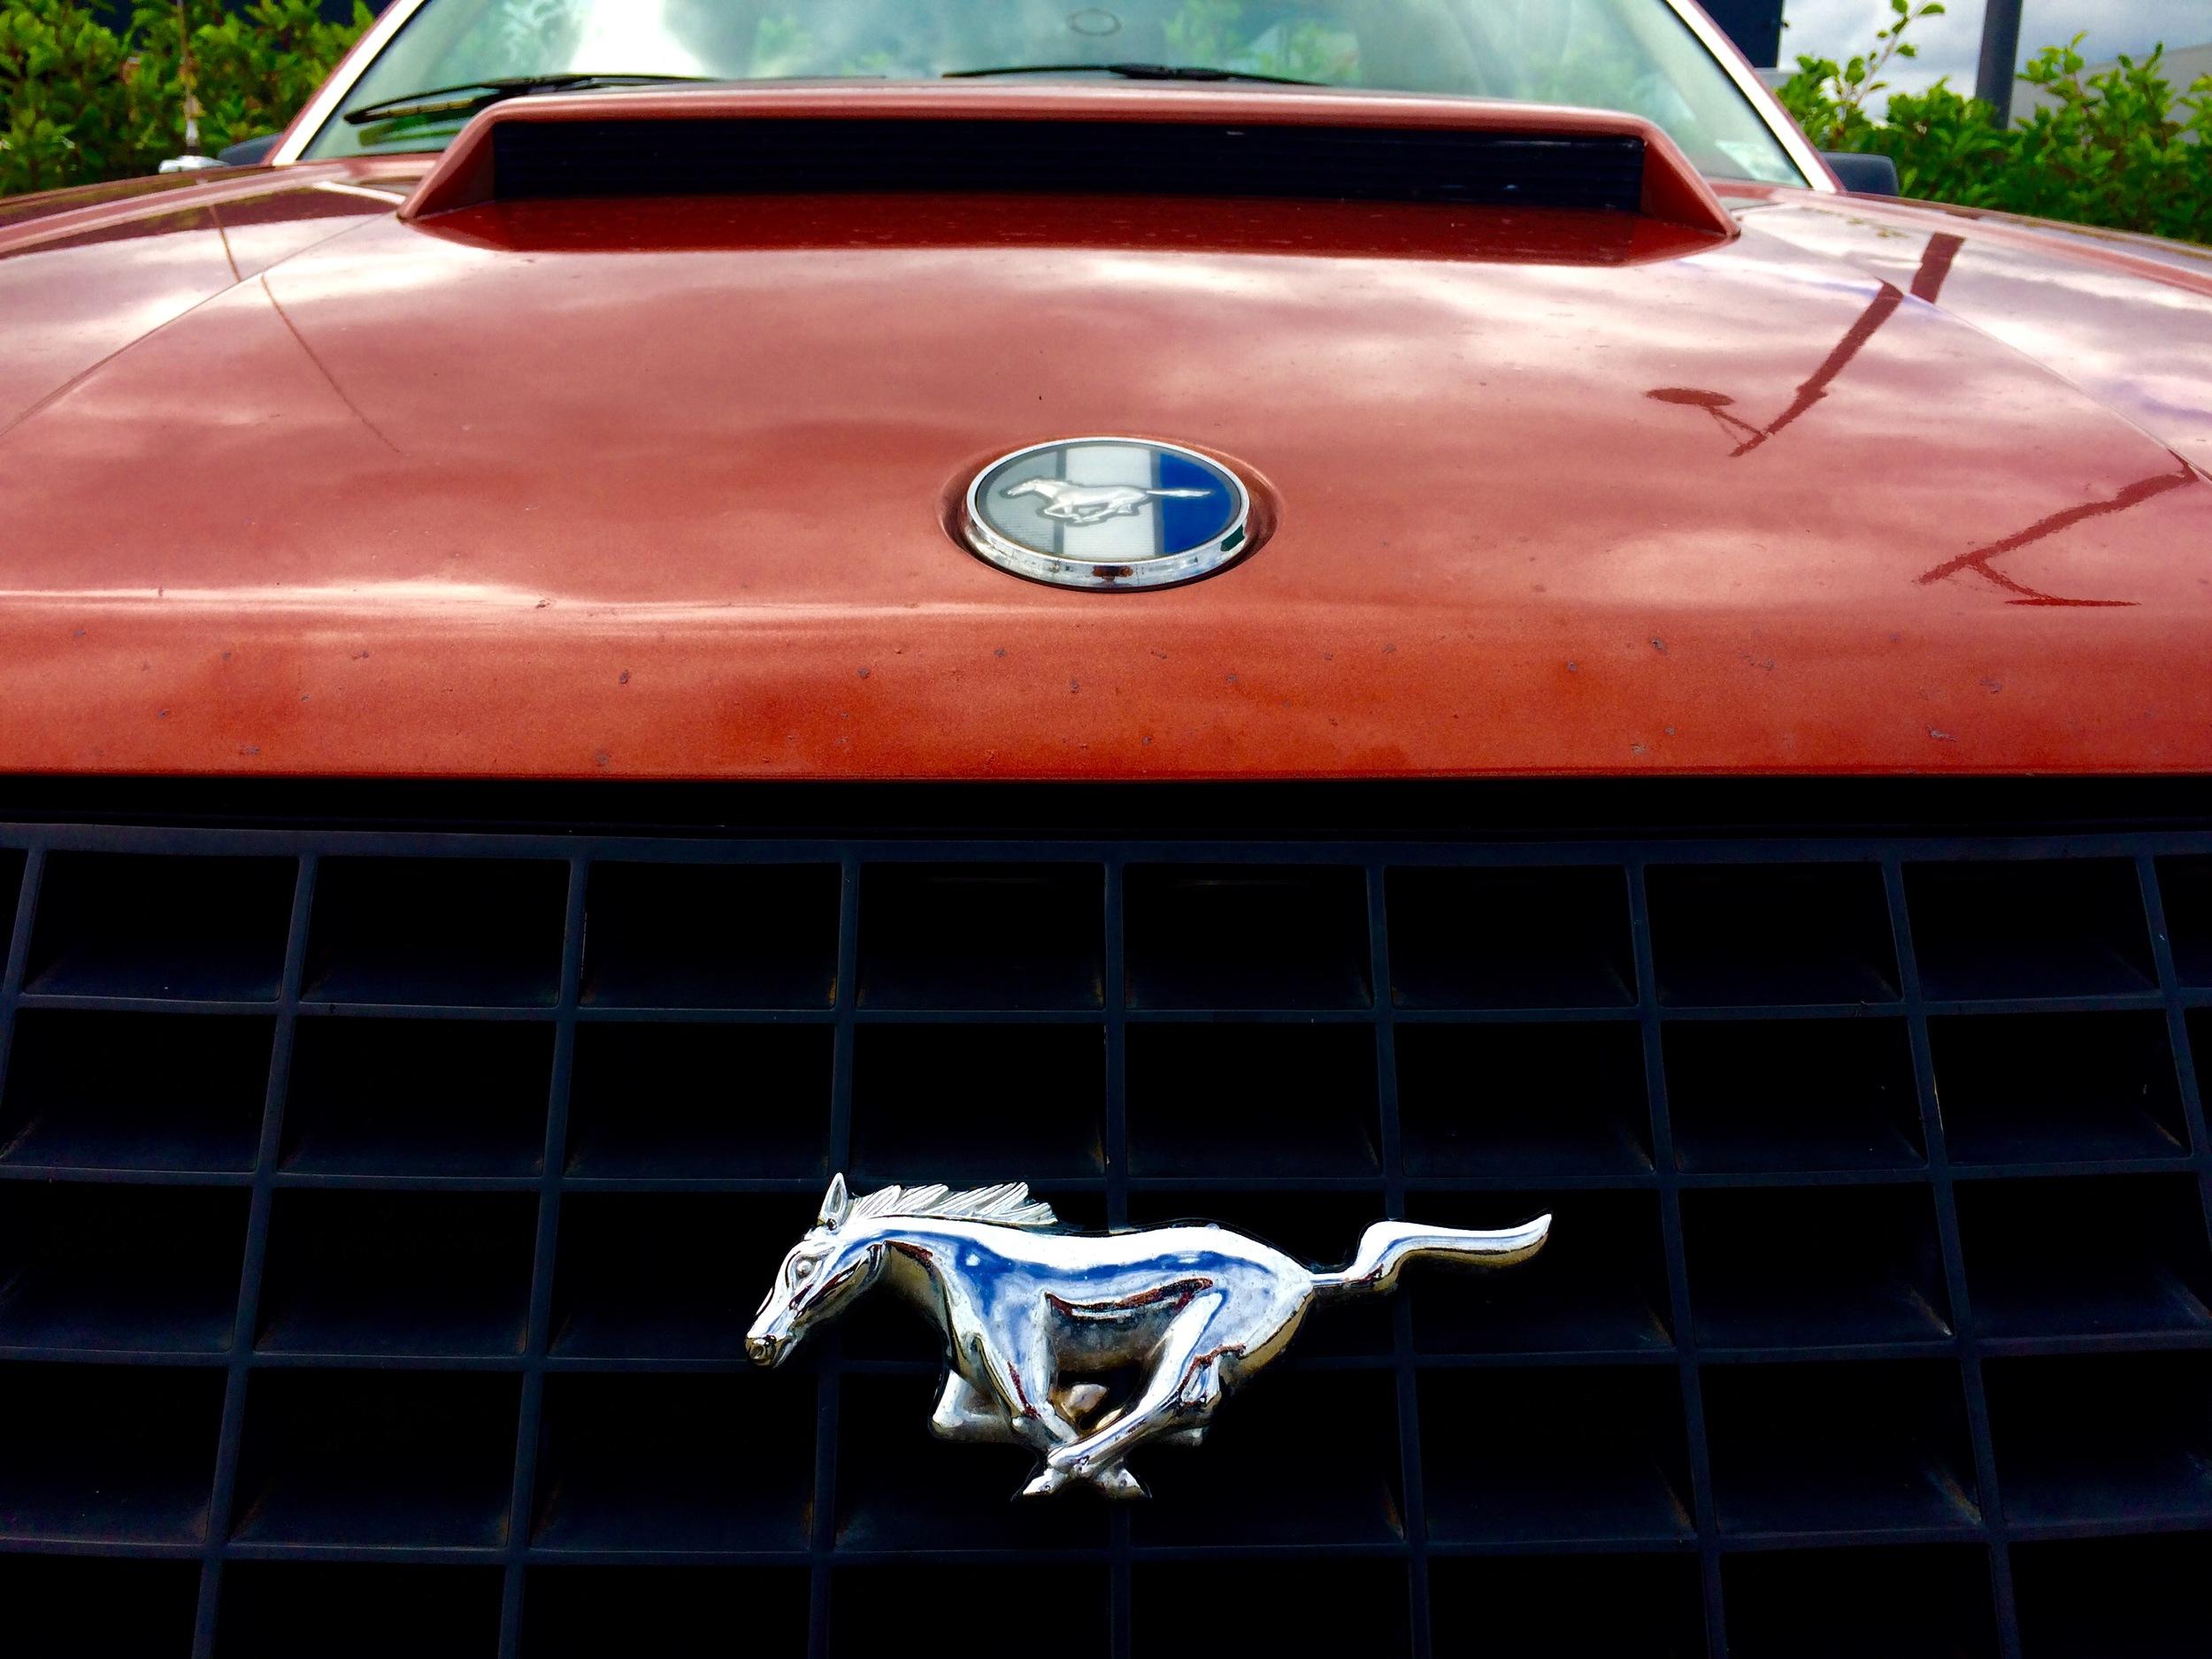 Viewfinder - motorblok - Mustang